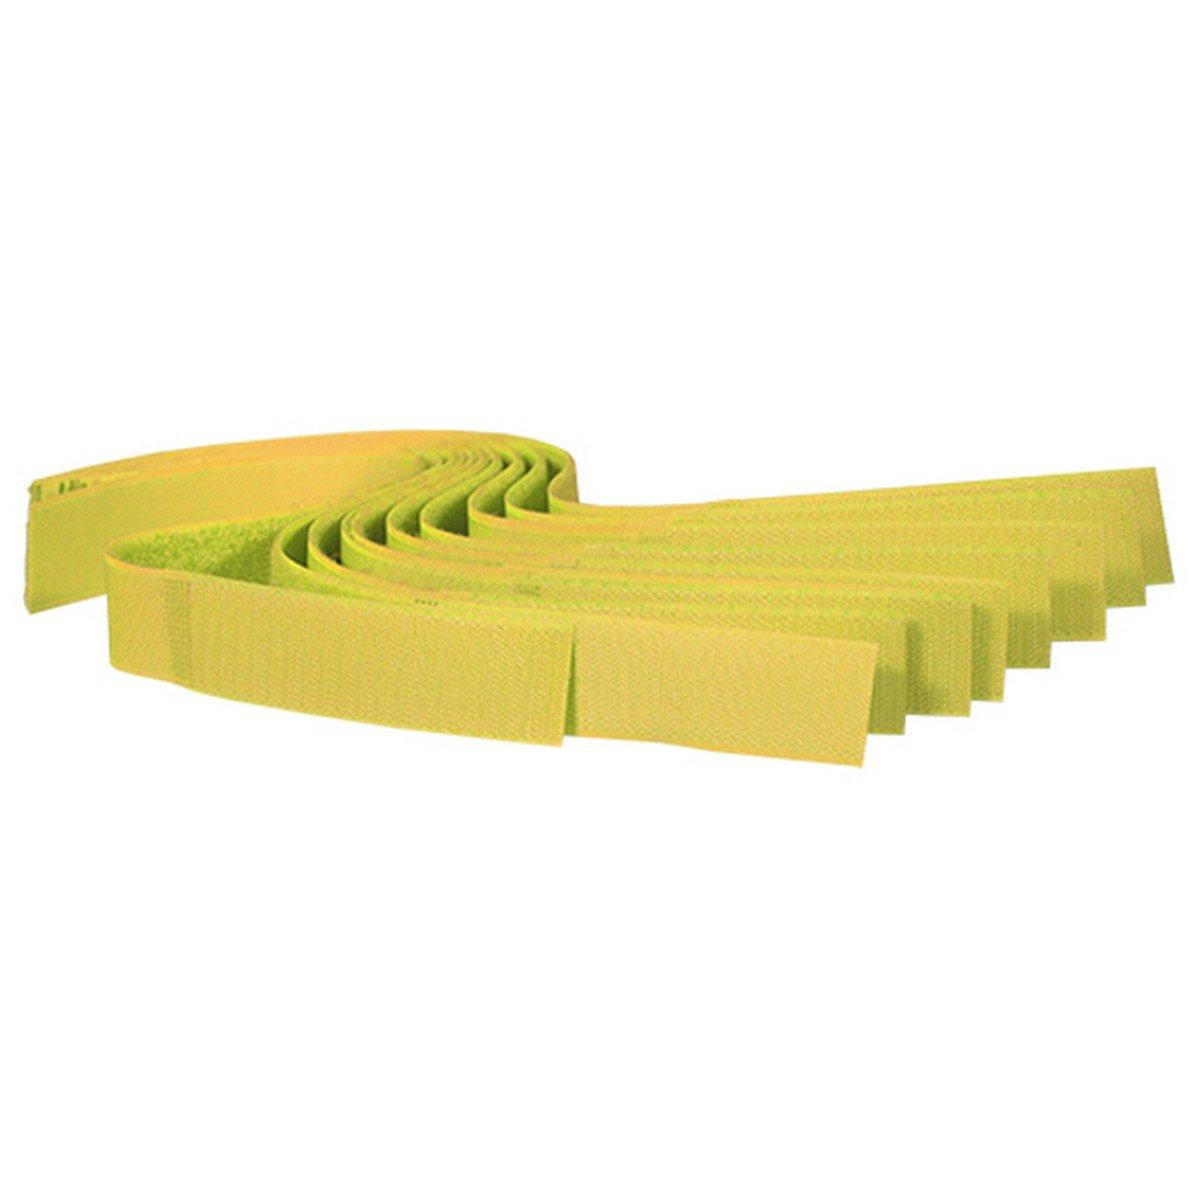 Afbeelding van a.s Koeherkenningsbandjes Velcro Geel